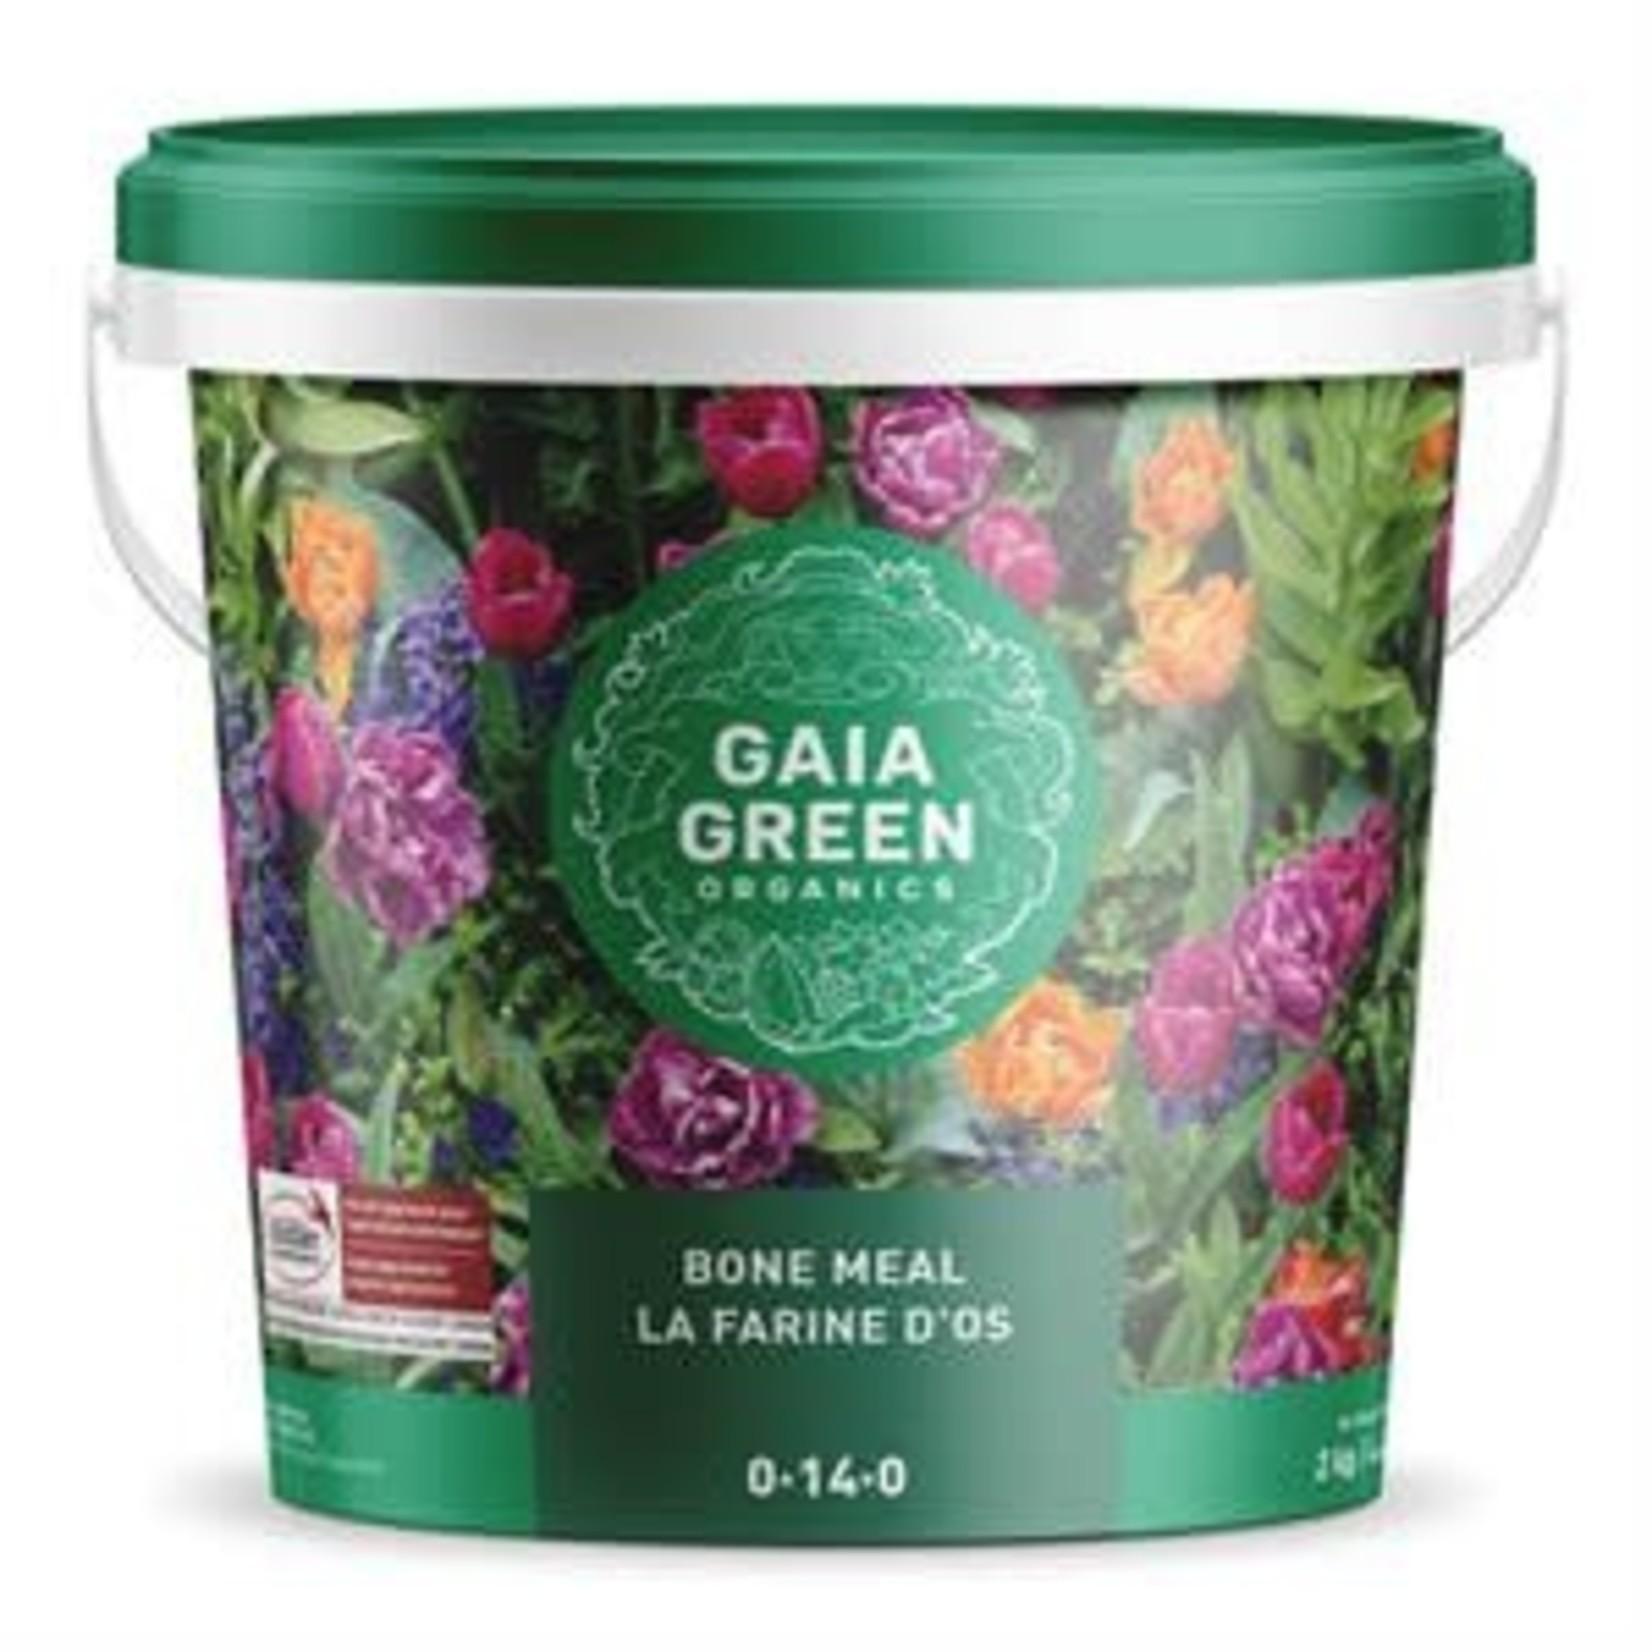 Gaia Green Bone Meal 2-16-0, 2 kg